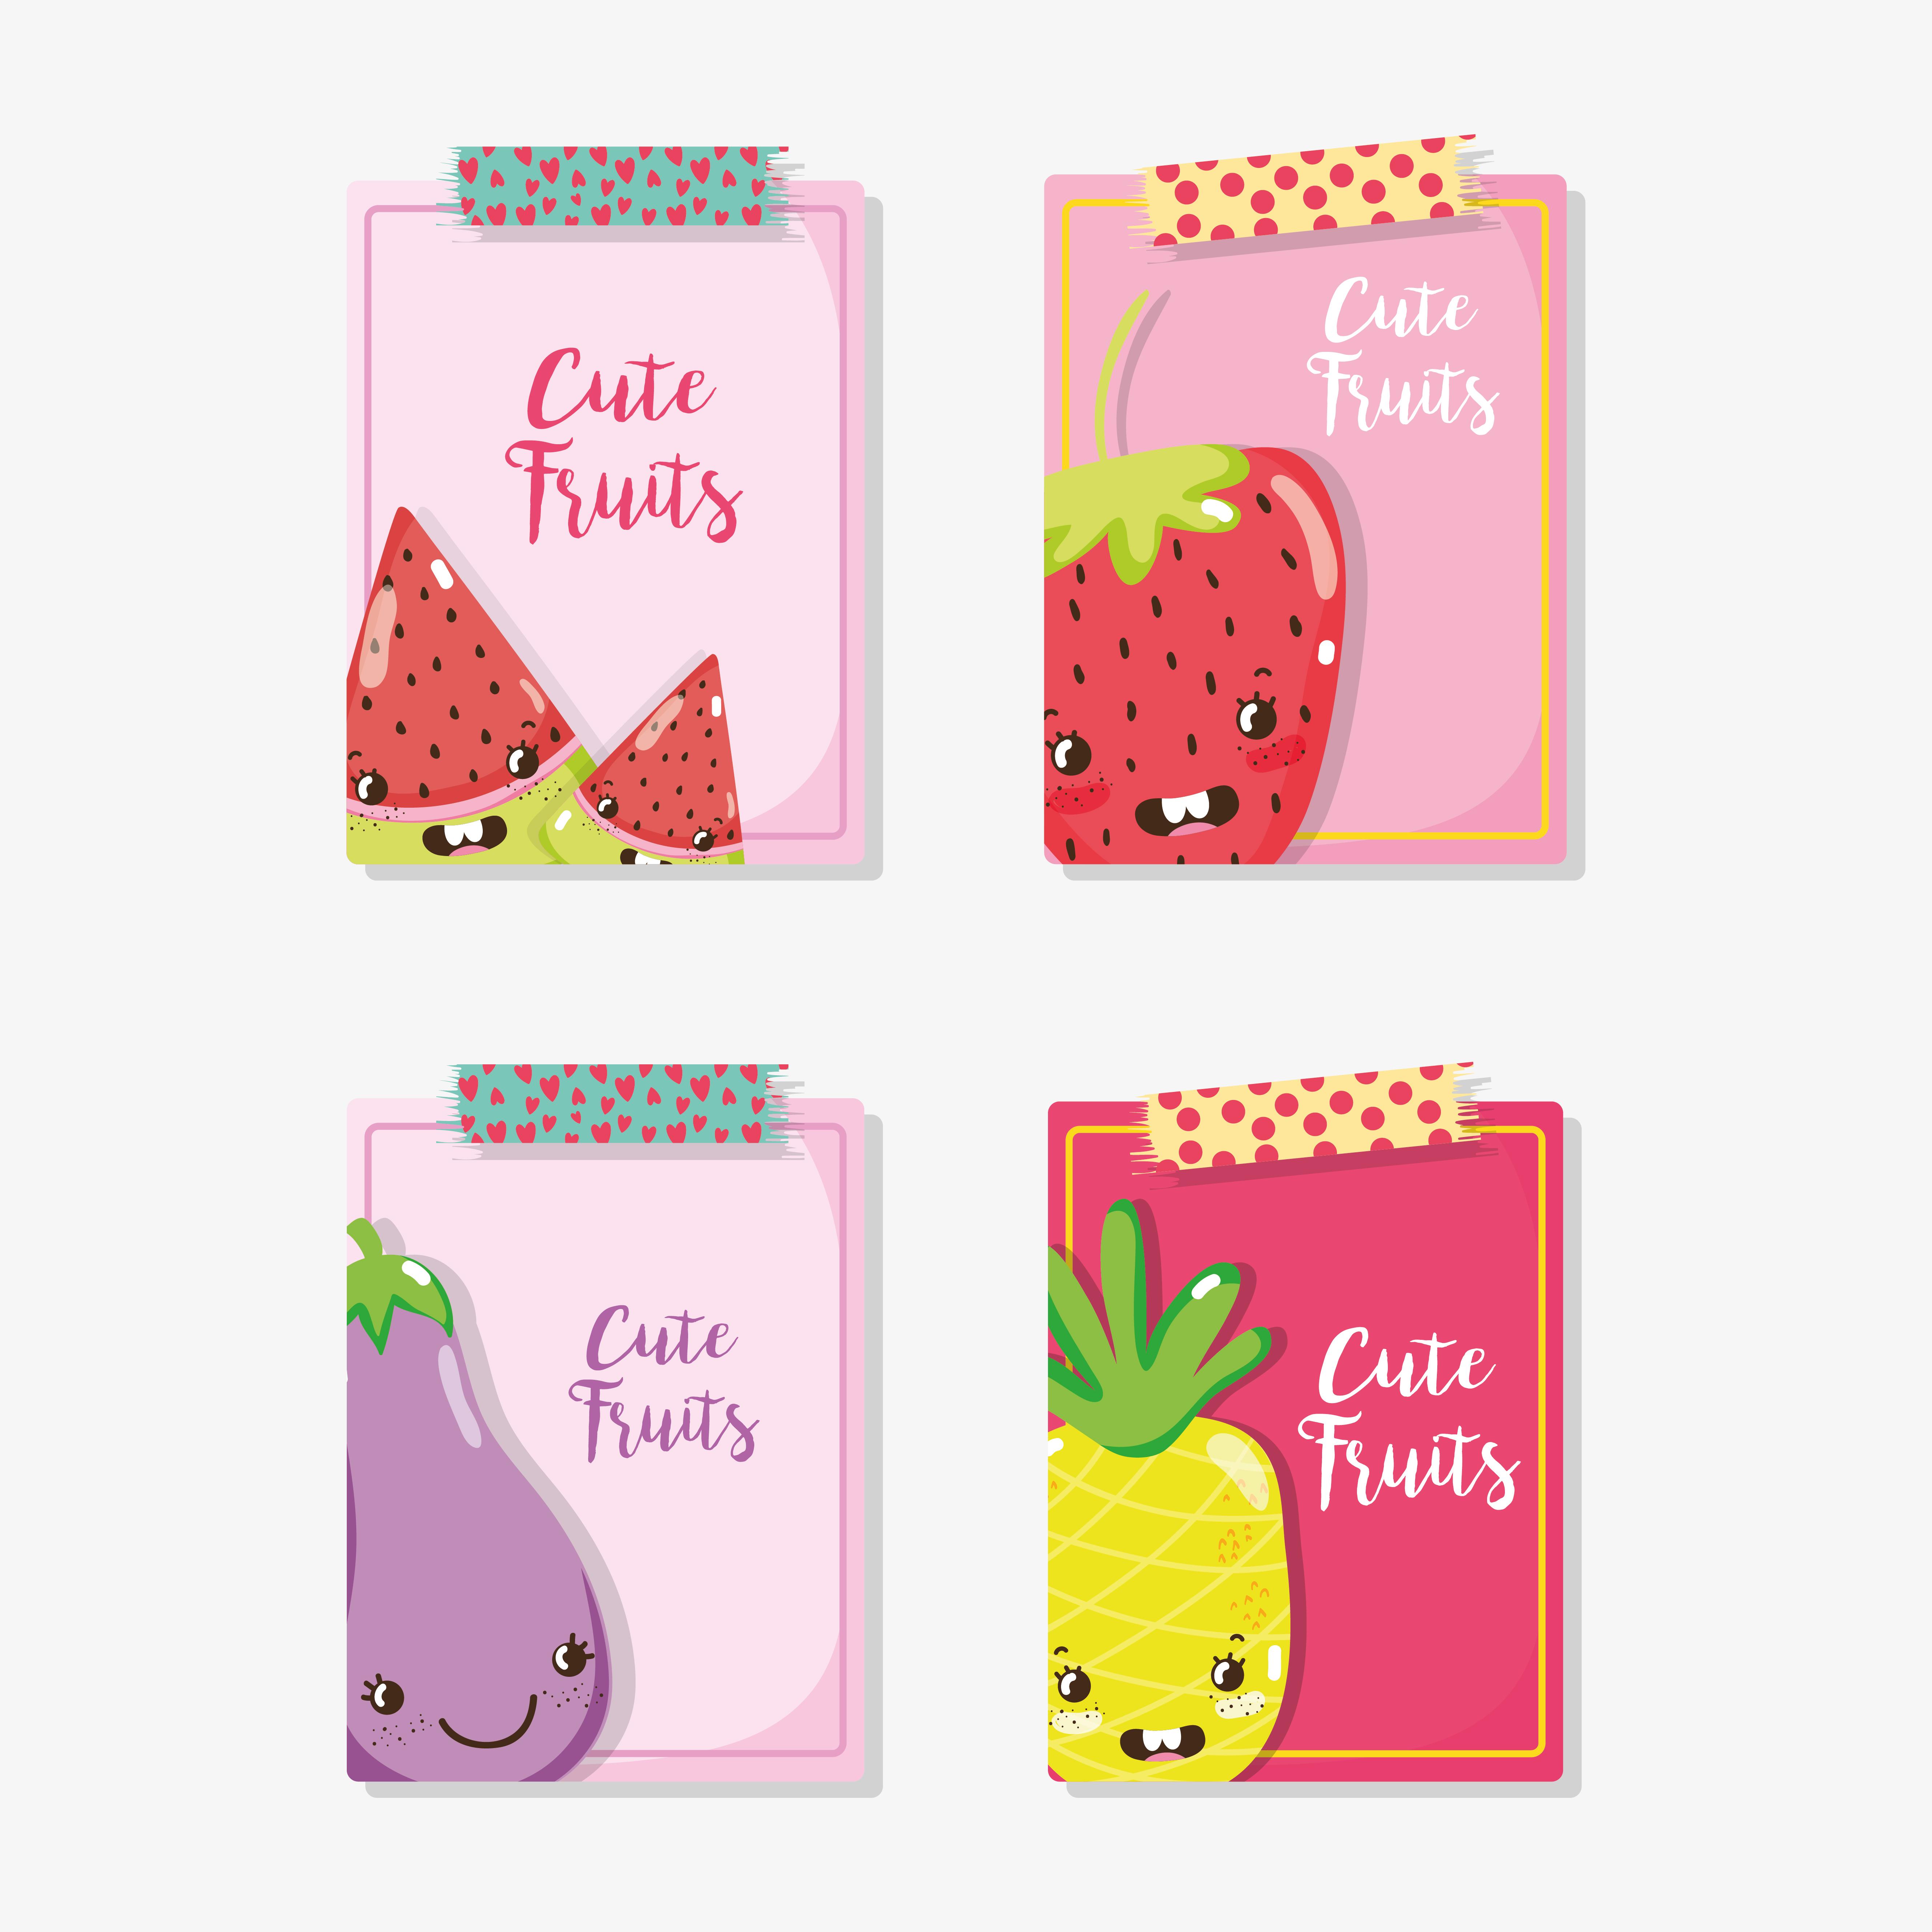 cue fruits cards cartoons  download free vectors clipart